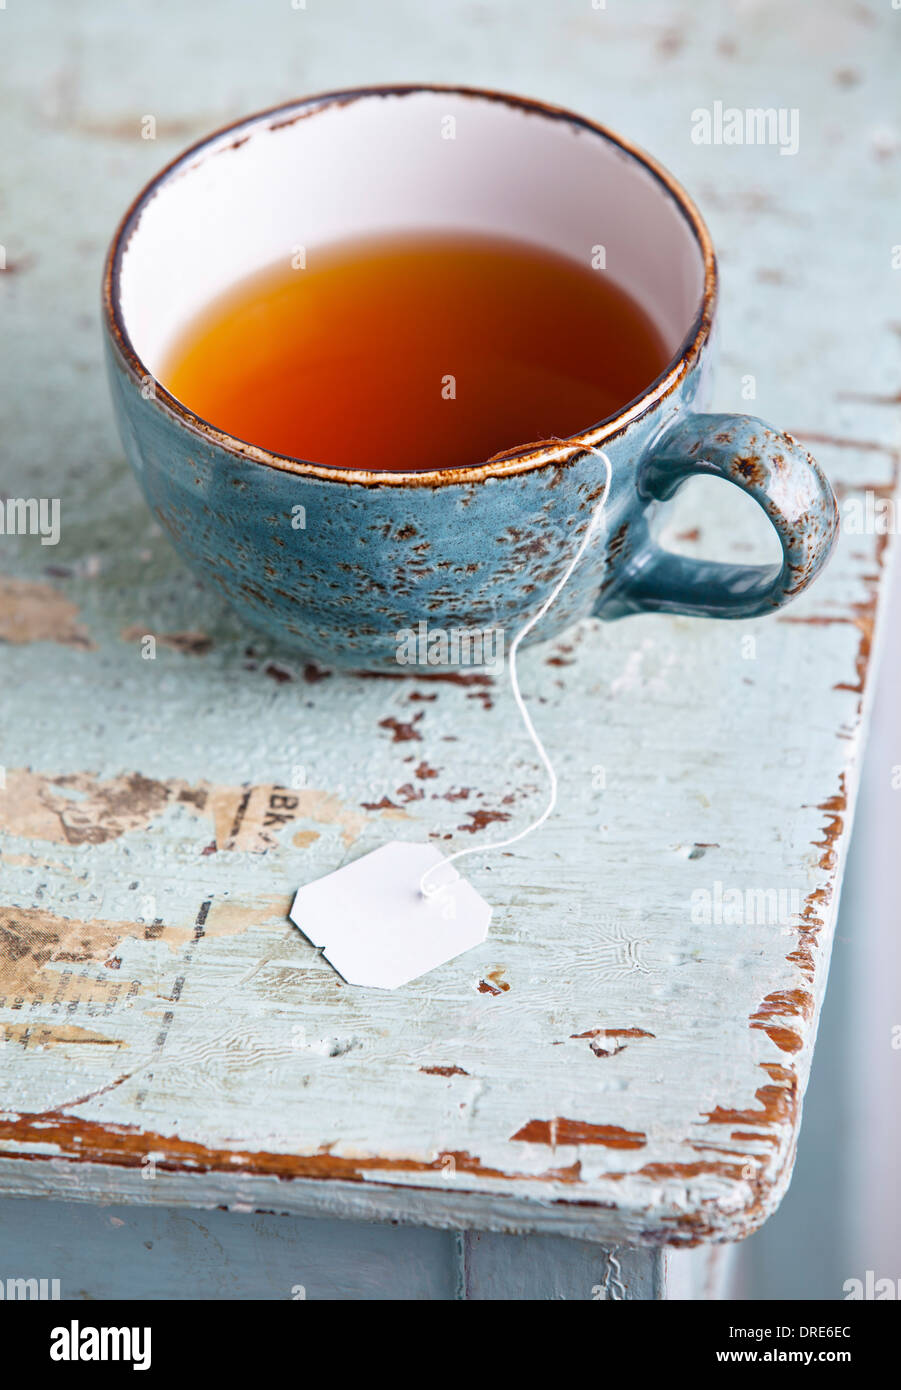 Tasse de thé avec sachet bleu sur fond de texture Banque D'Images